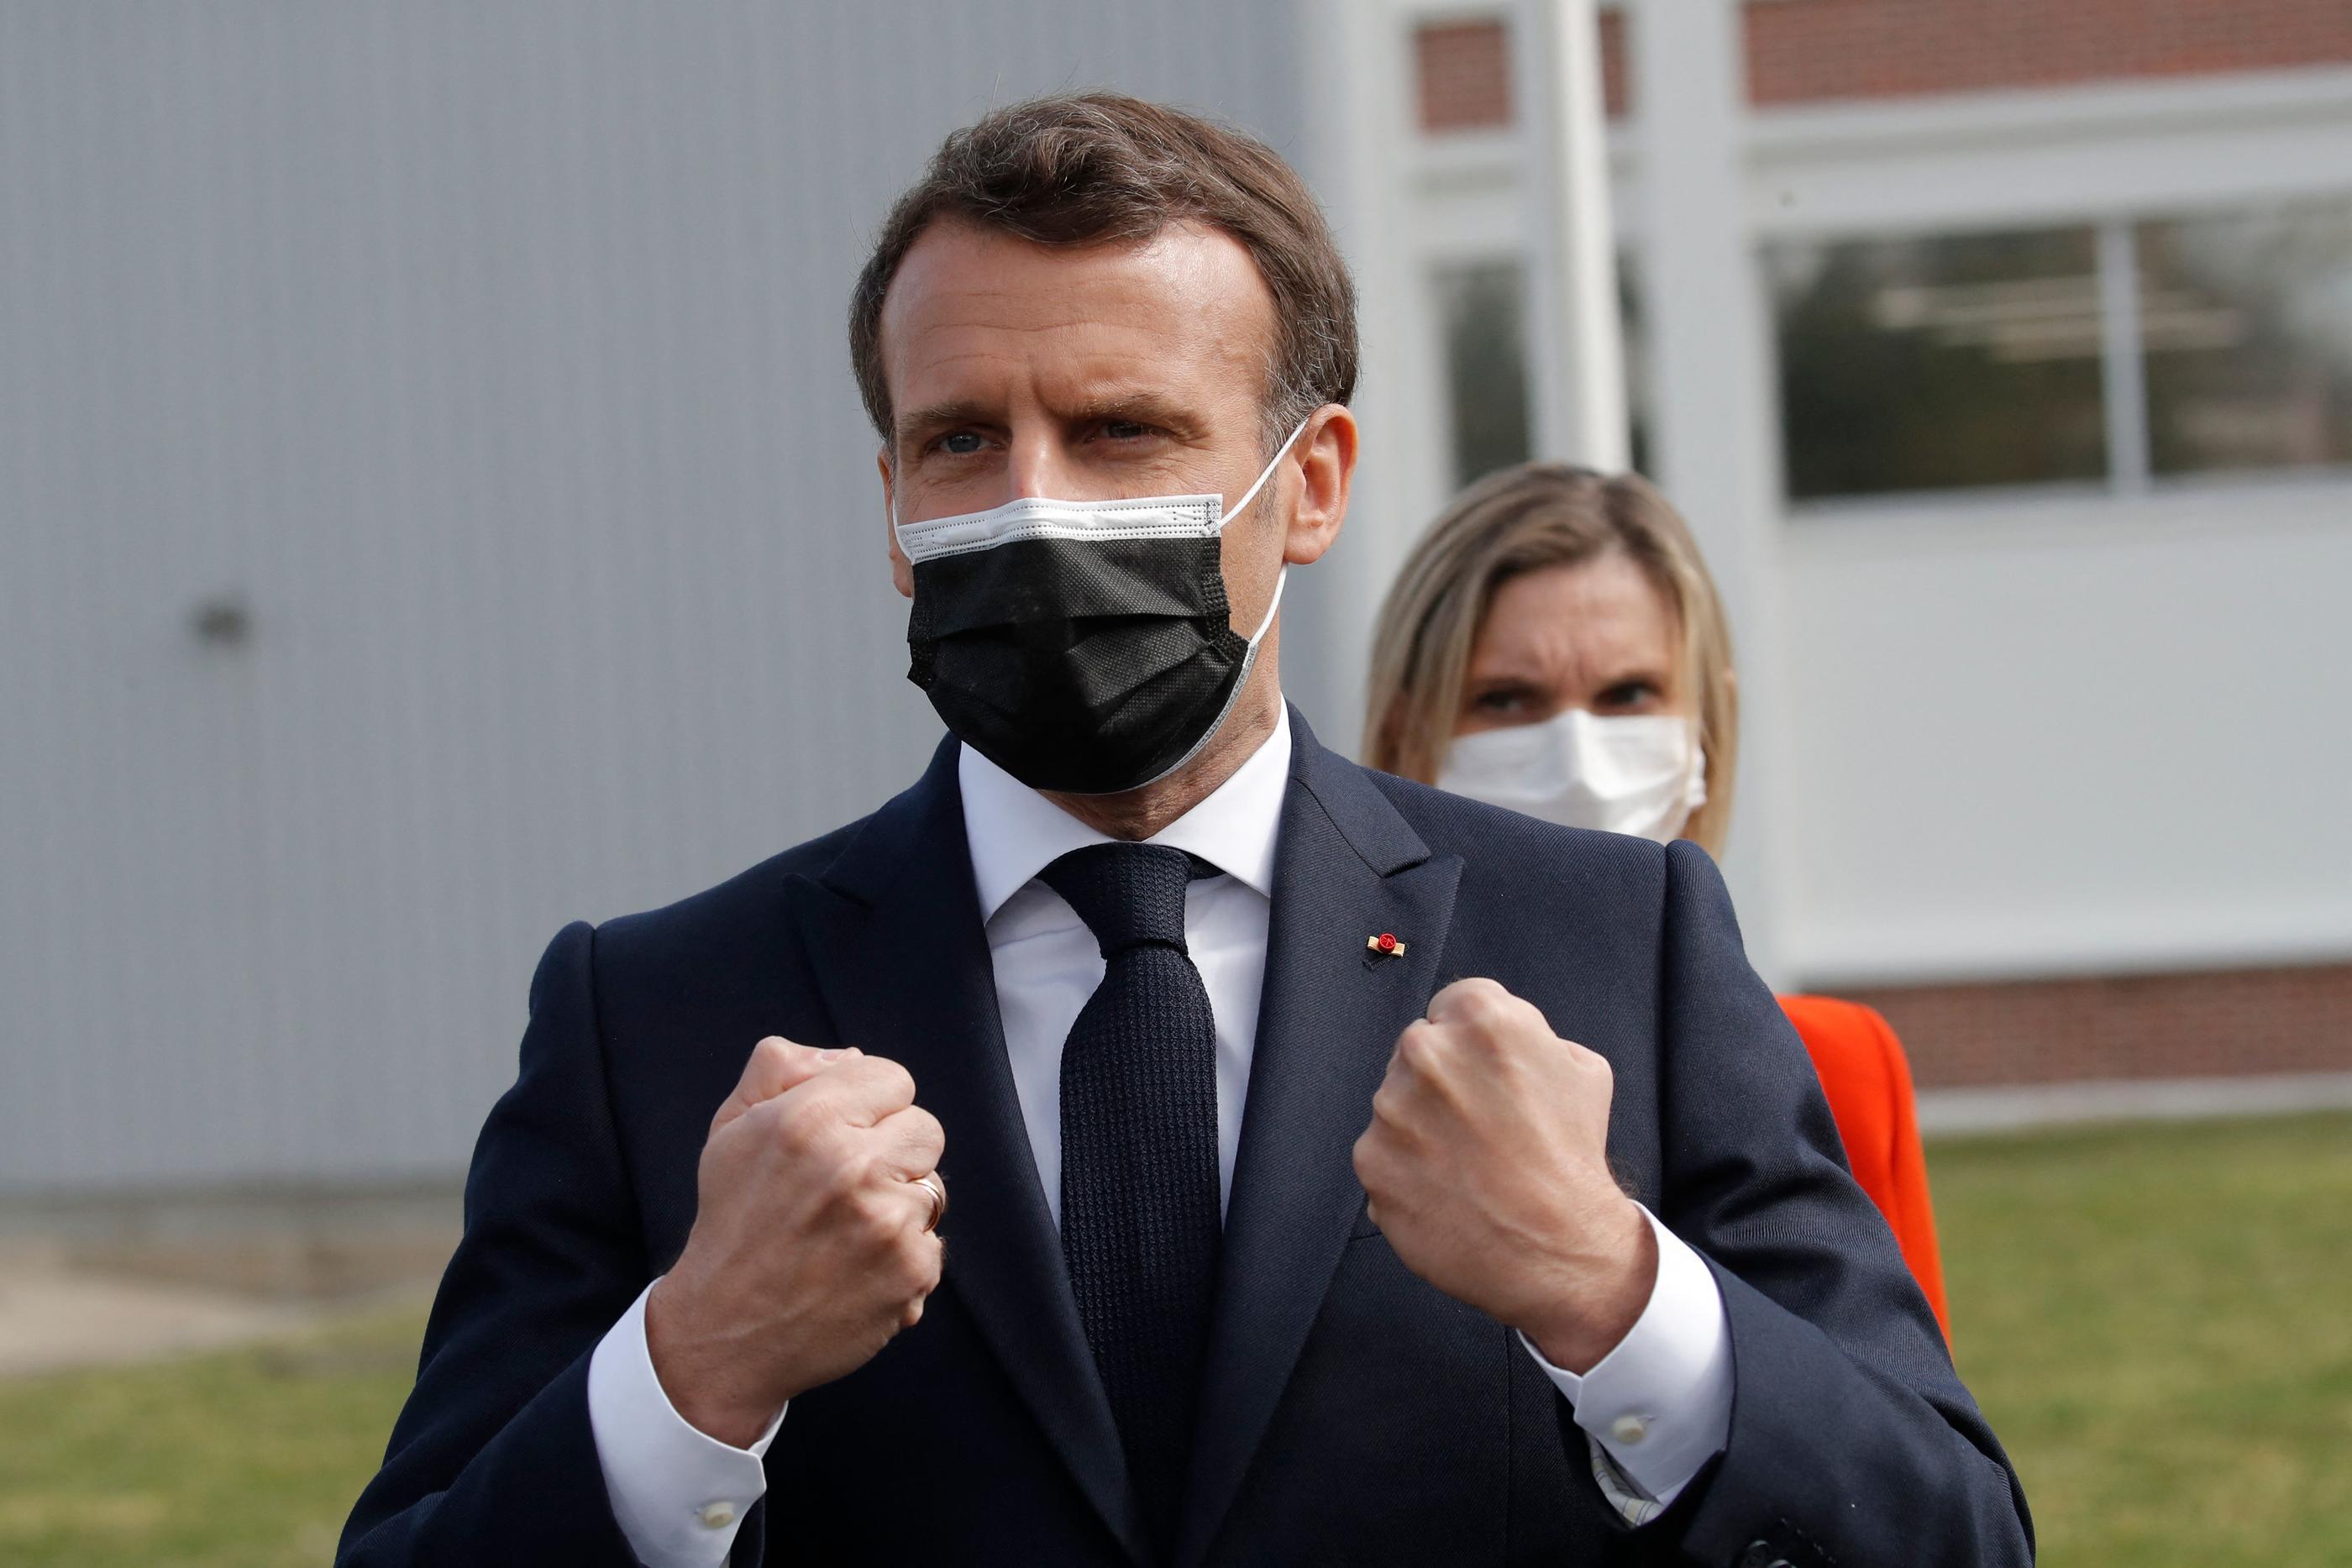 Vaccins anti-Covid: Macron anticipe «250millions de doses de vaccin» produites en France pour 2021